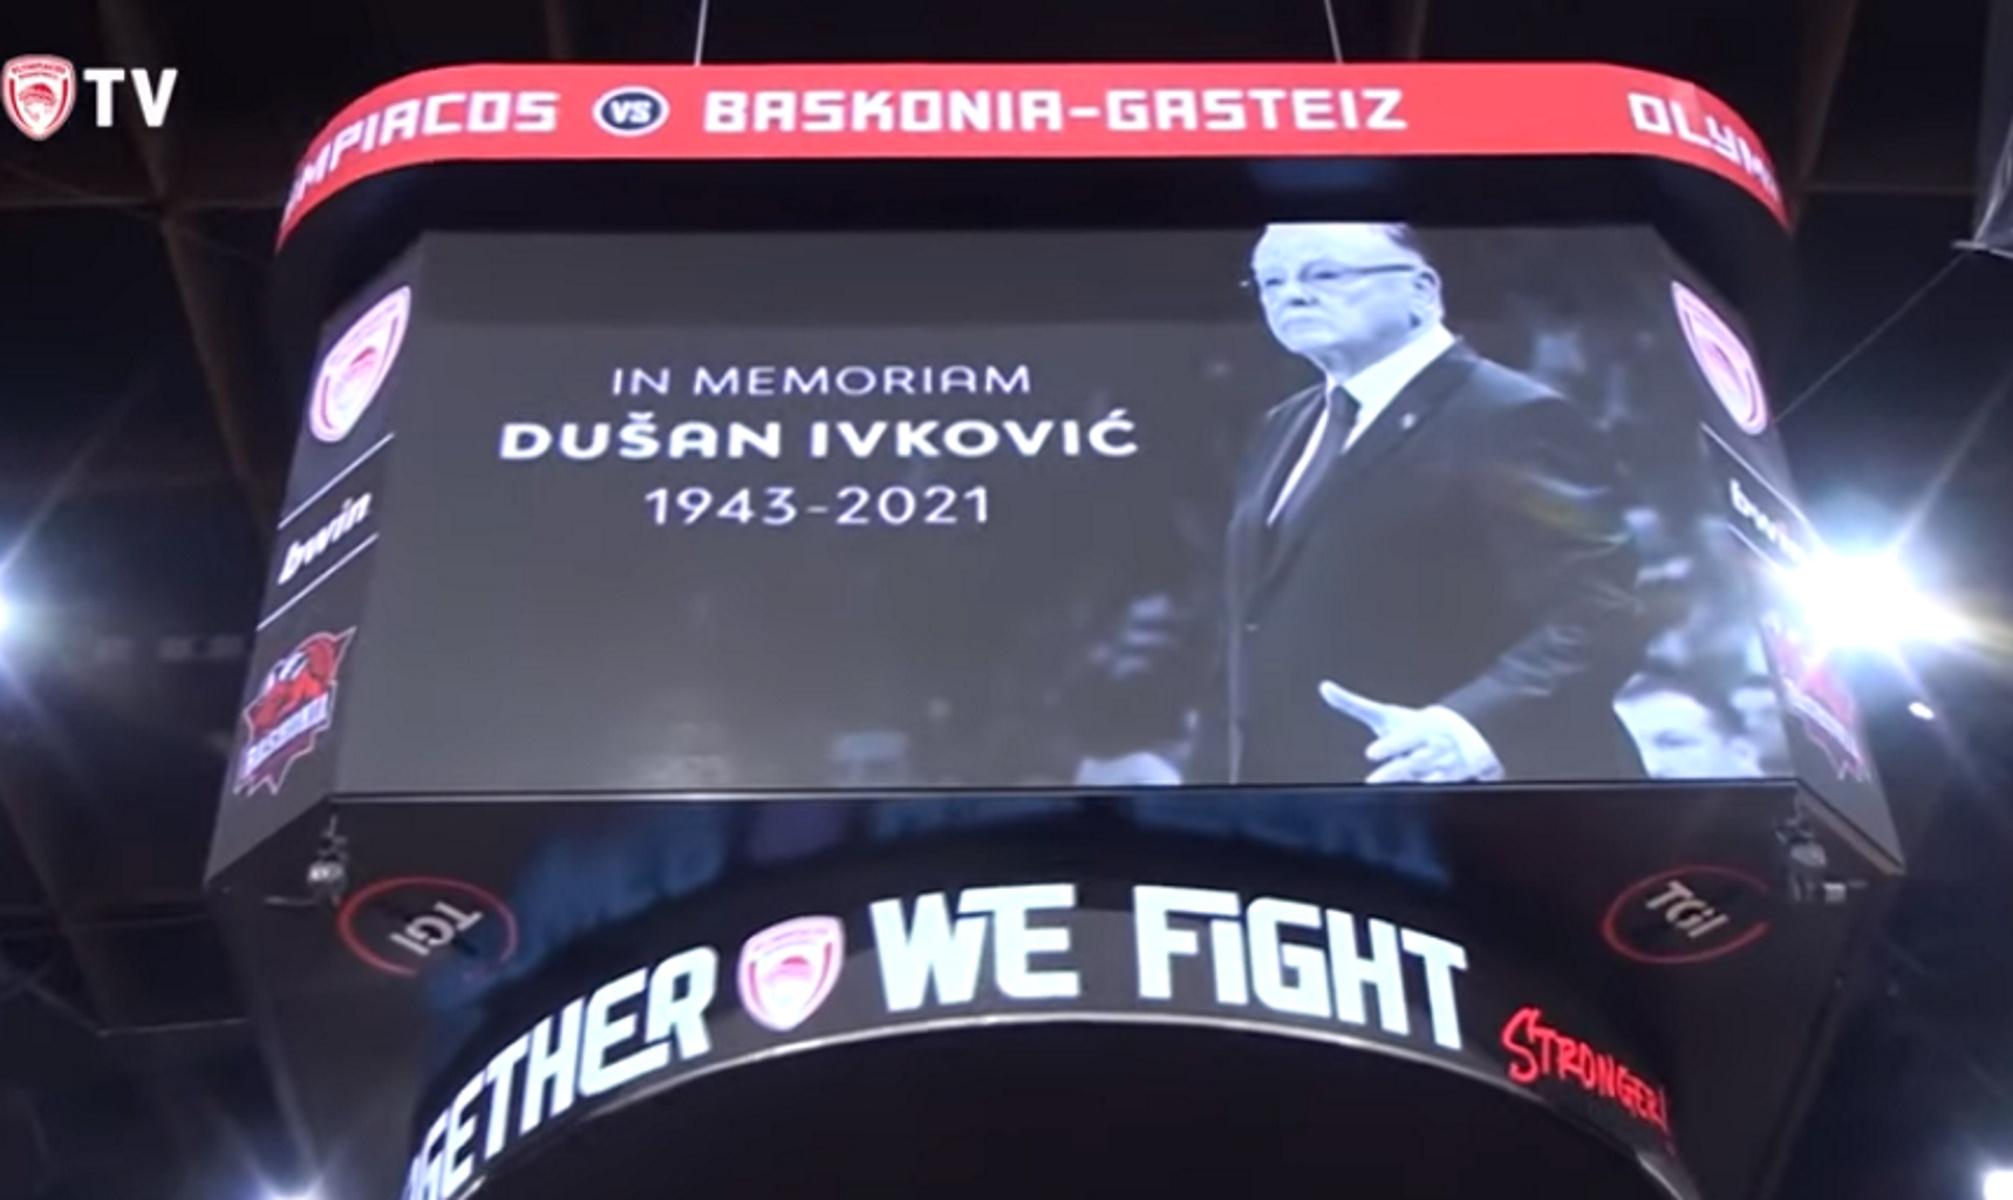 Ντούσαν Ίβκοβιτς – Ολυμπιακός: Η στιγμή που τηρήθηκε ενός λεπτού σιγή στο ΣΕΦ